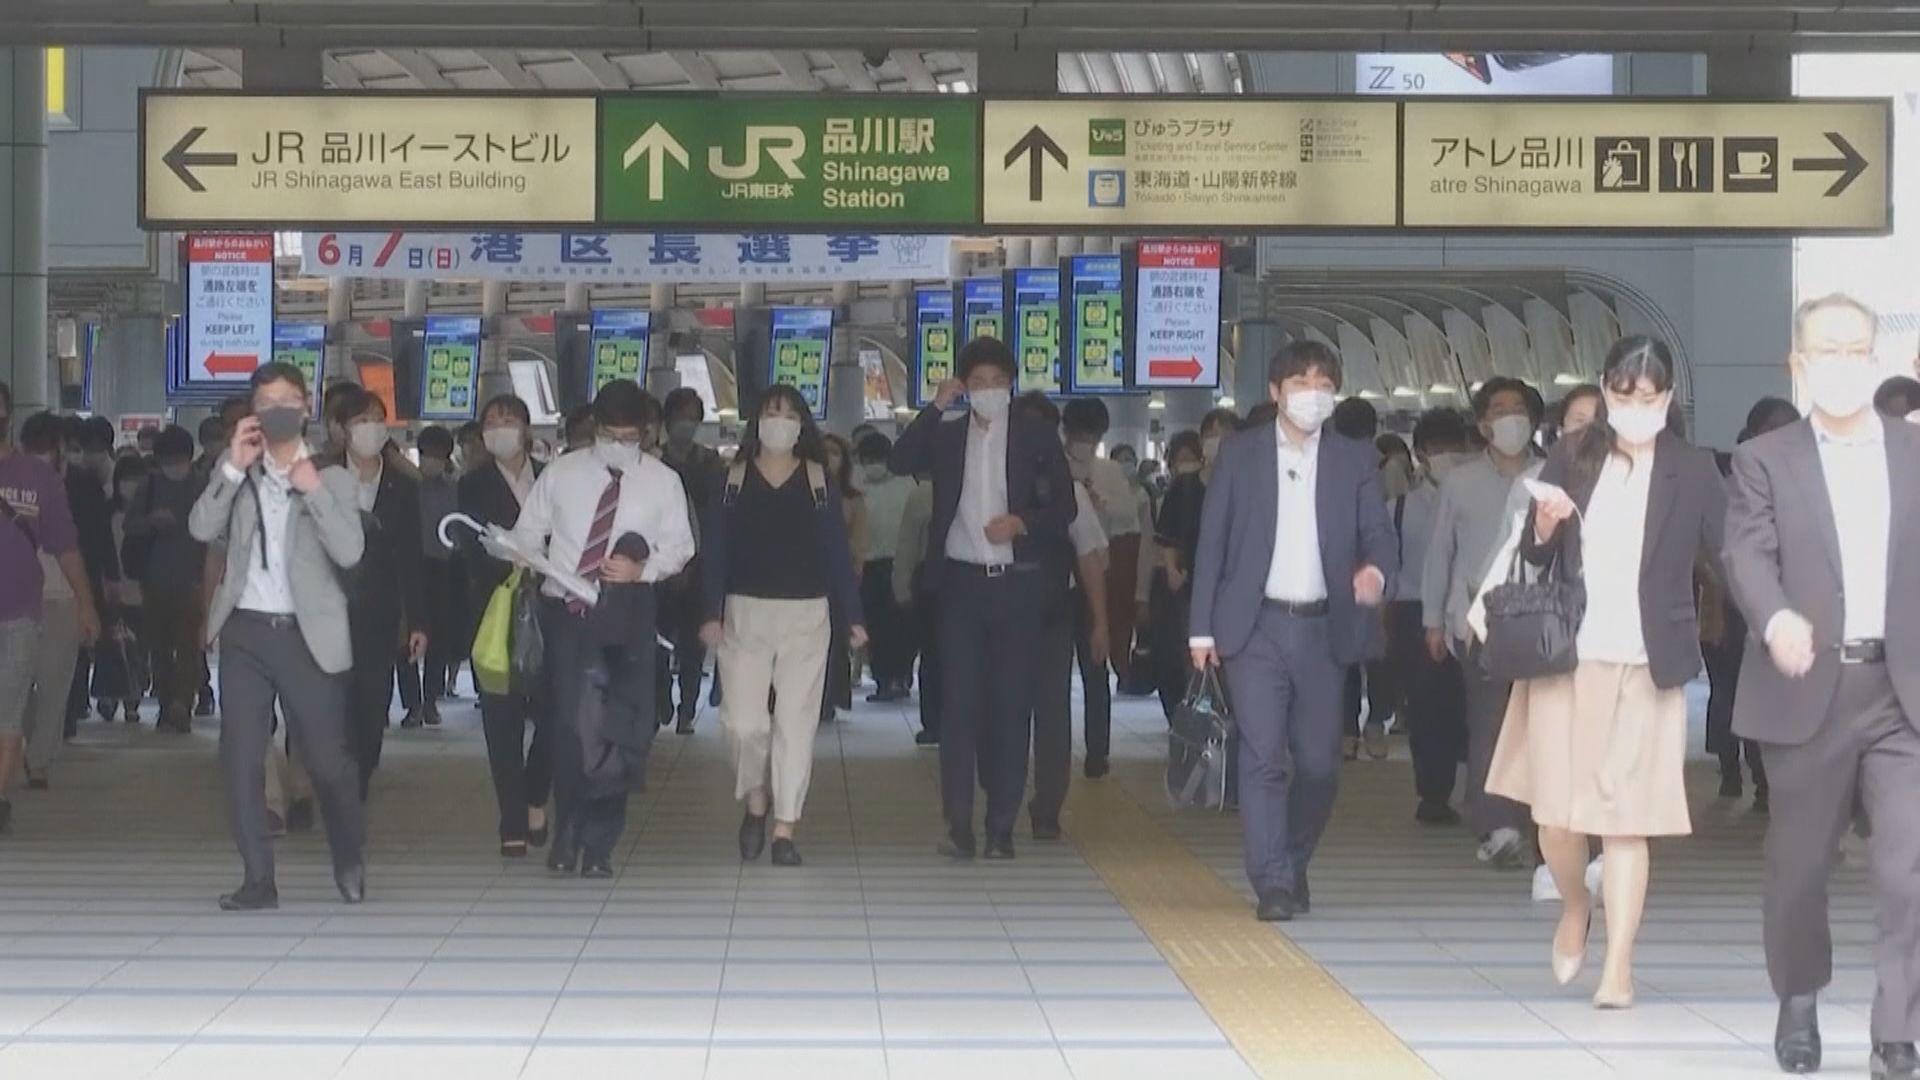 東京增493宗確診 創疫情爆發以來單日新高